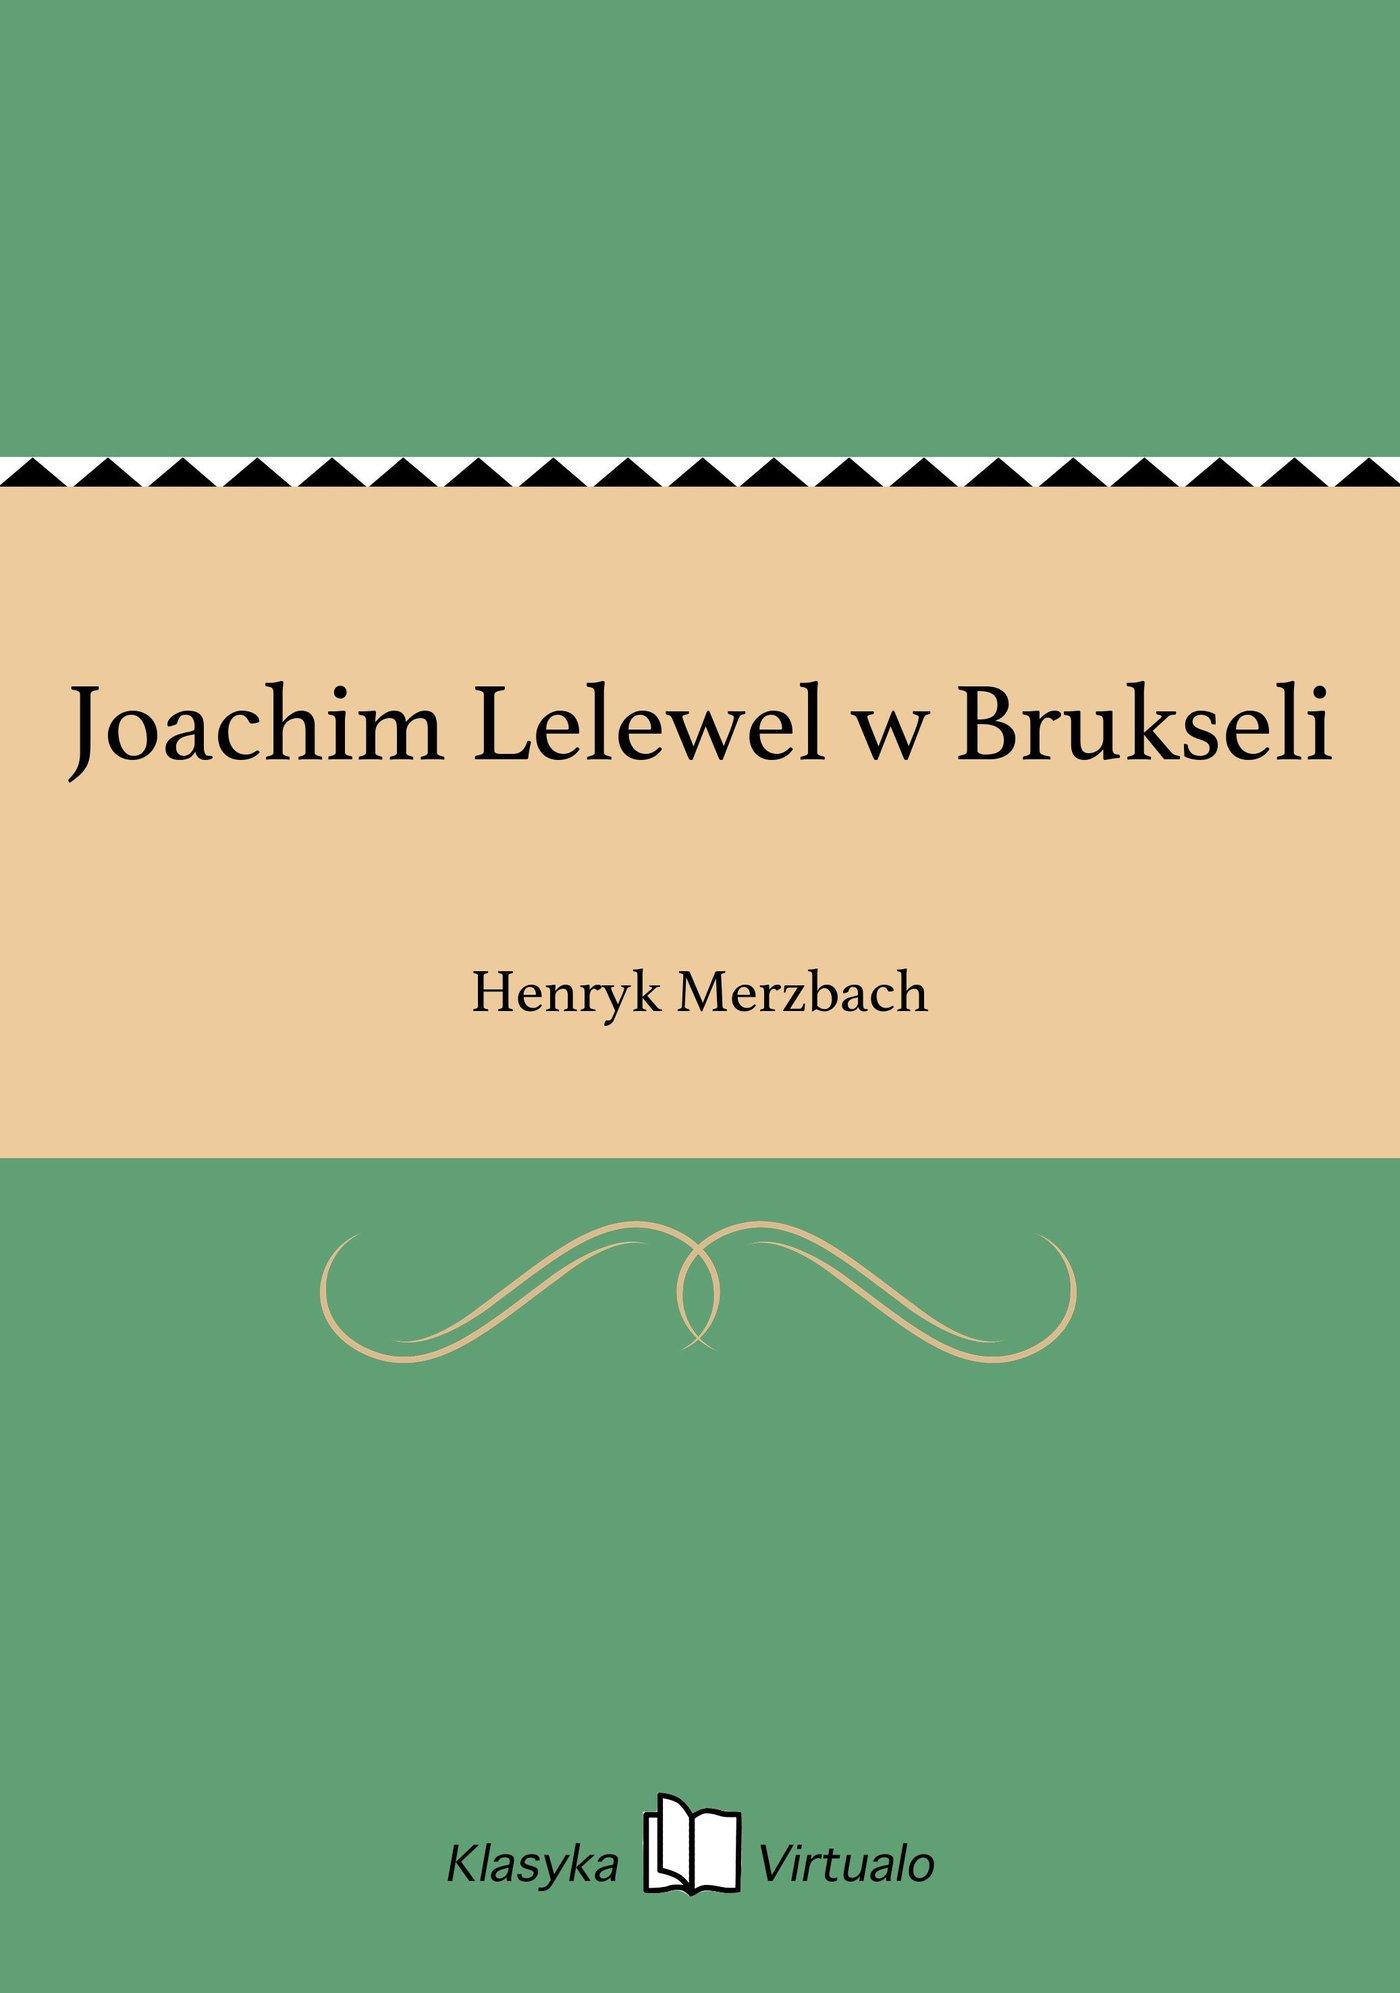 Joachim Lelewel w Brukseli - Ebook (Książka EPUB) do pobrania w formacie EPUB